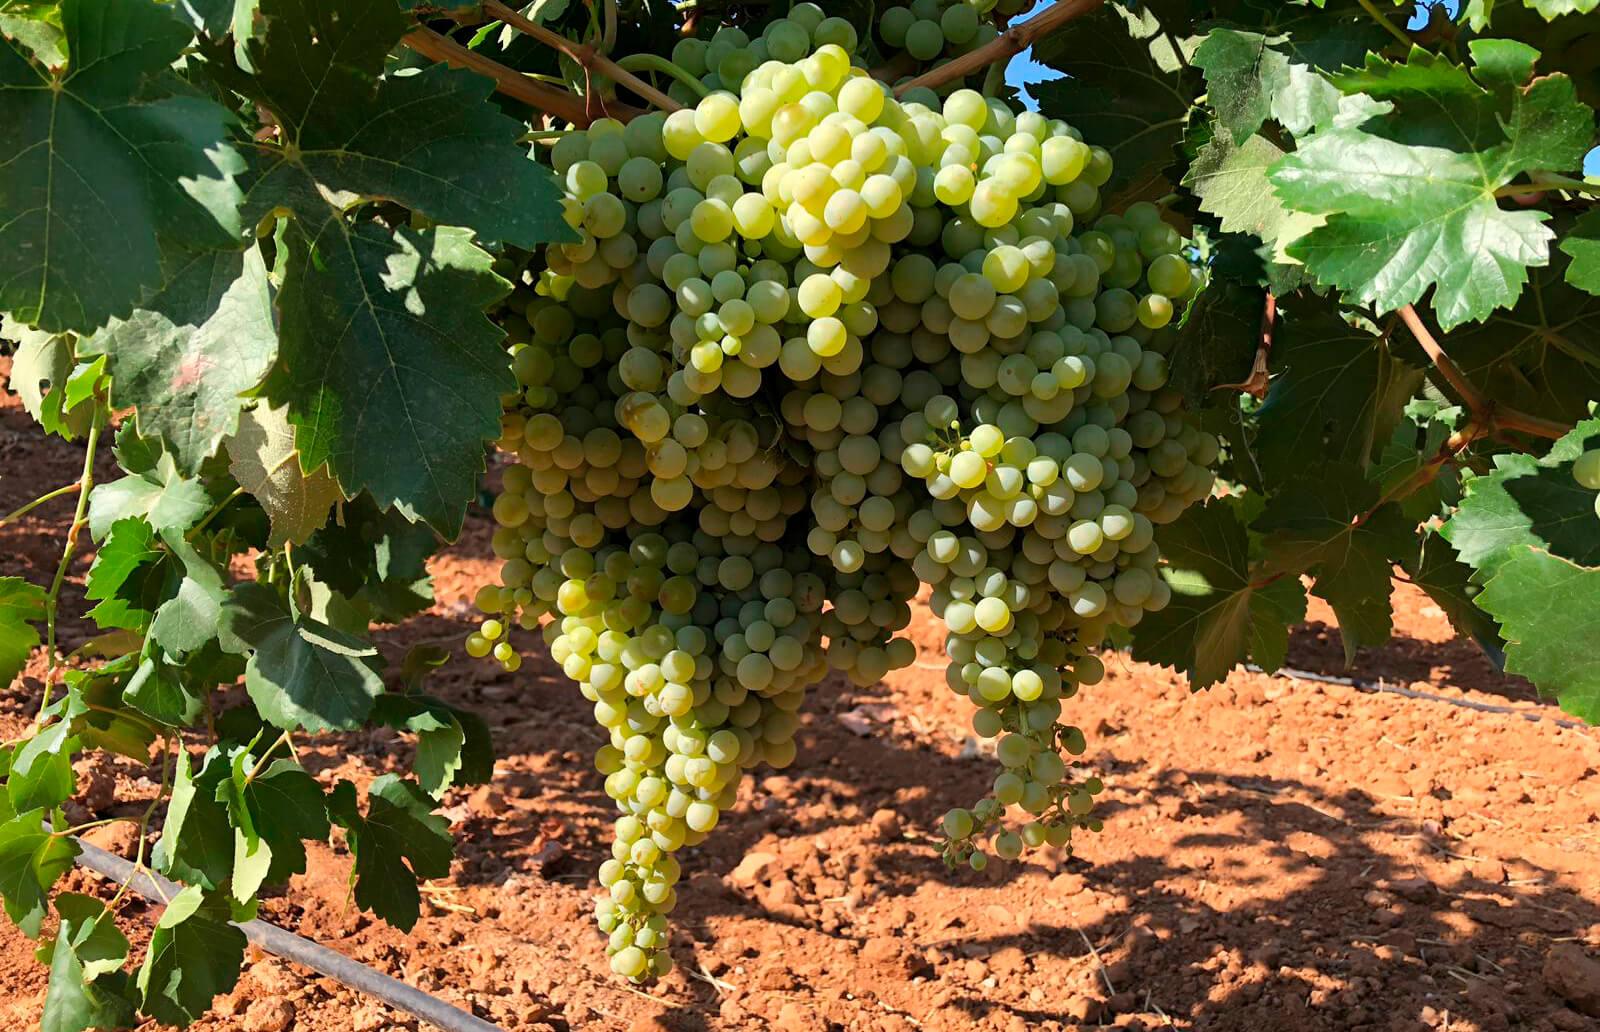 Críticas constructivas: Falta de rigor y concreción en el borrador de la Ley de la Viña y del Vino de Castilla-La Mancha